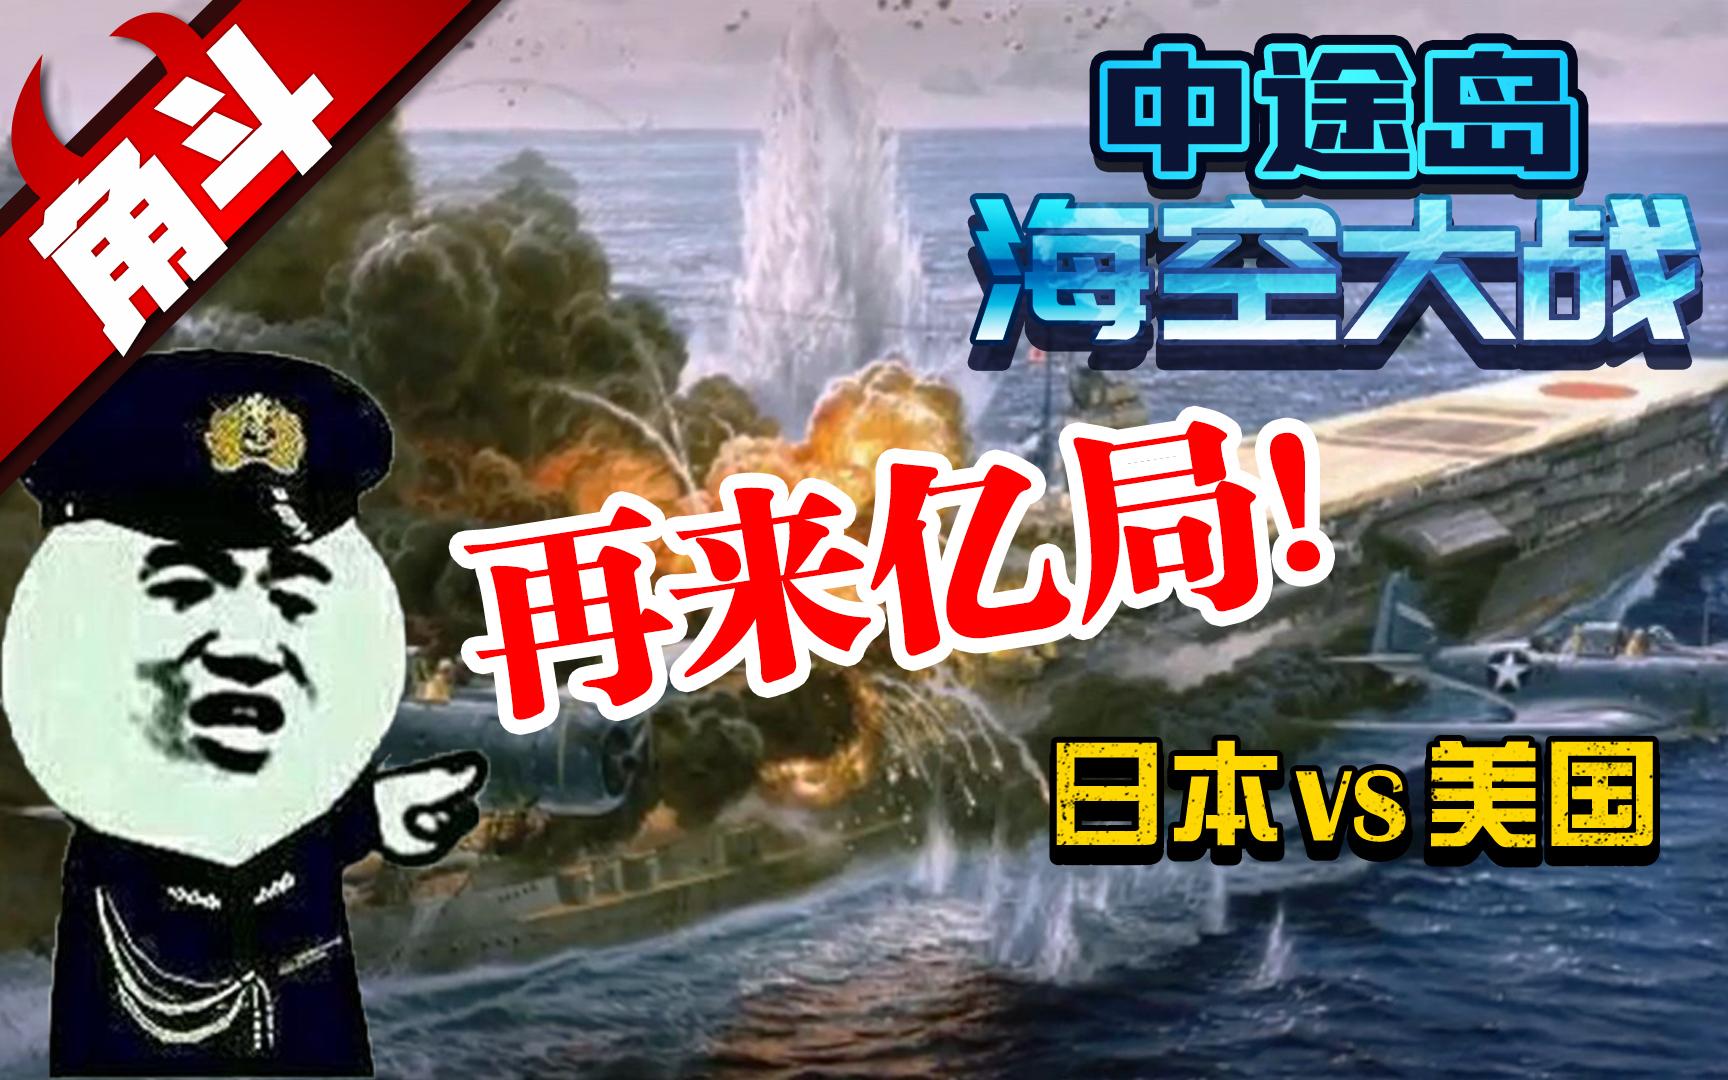 【大国角斗】再来亿局能翻盘?中途岛海空大战(日本vs美国)